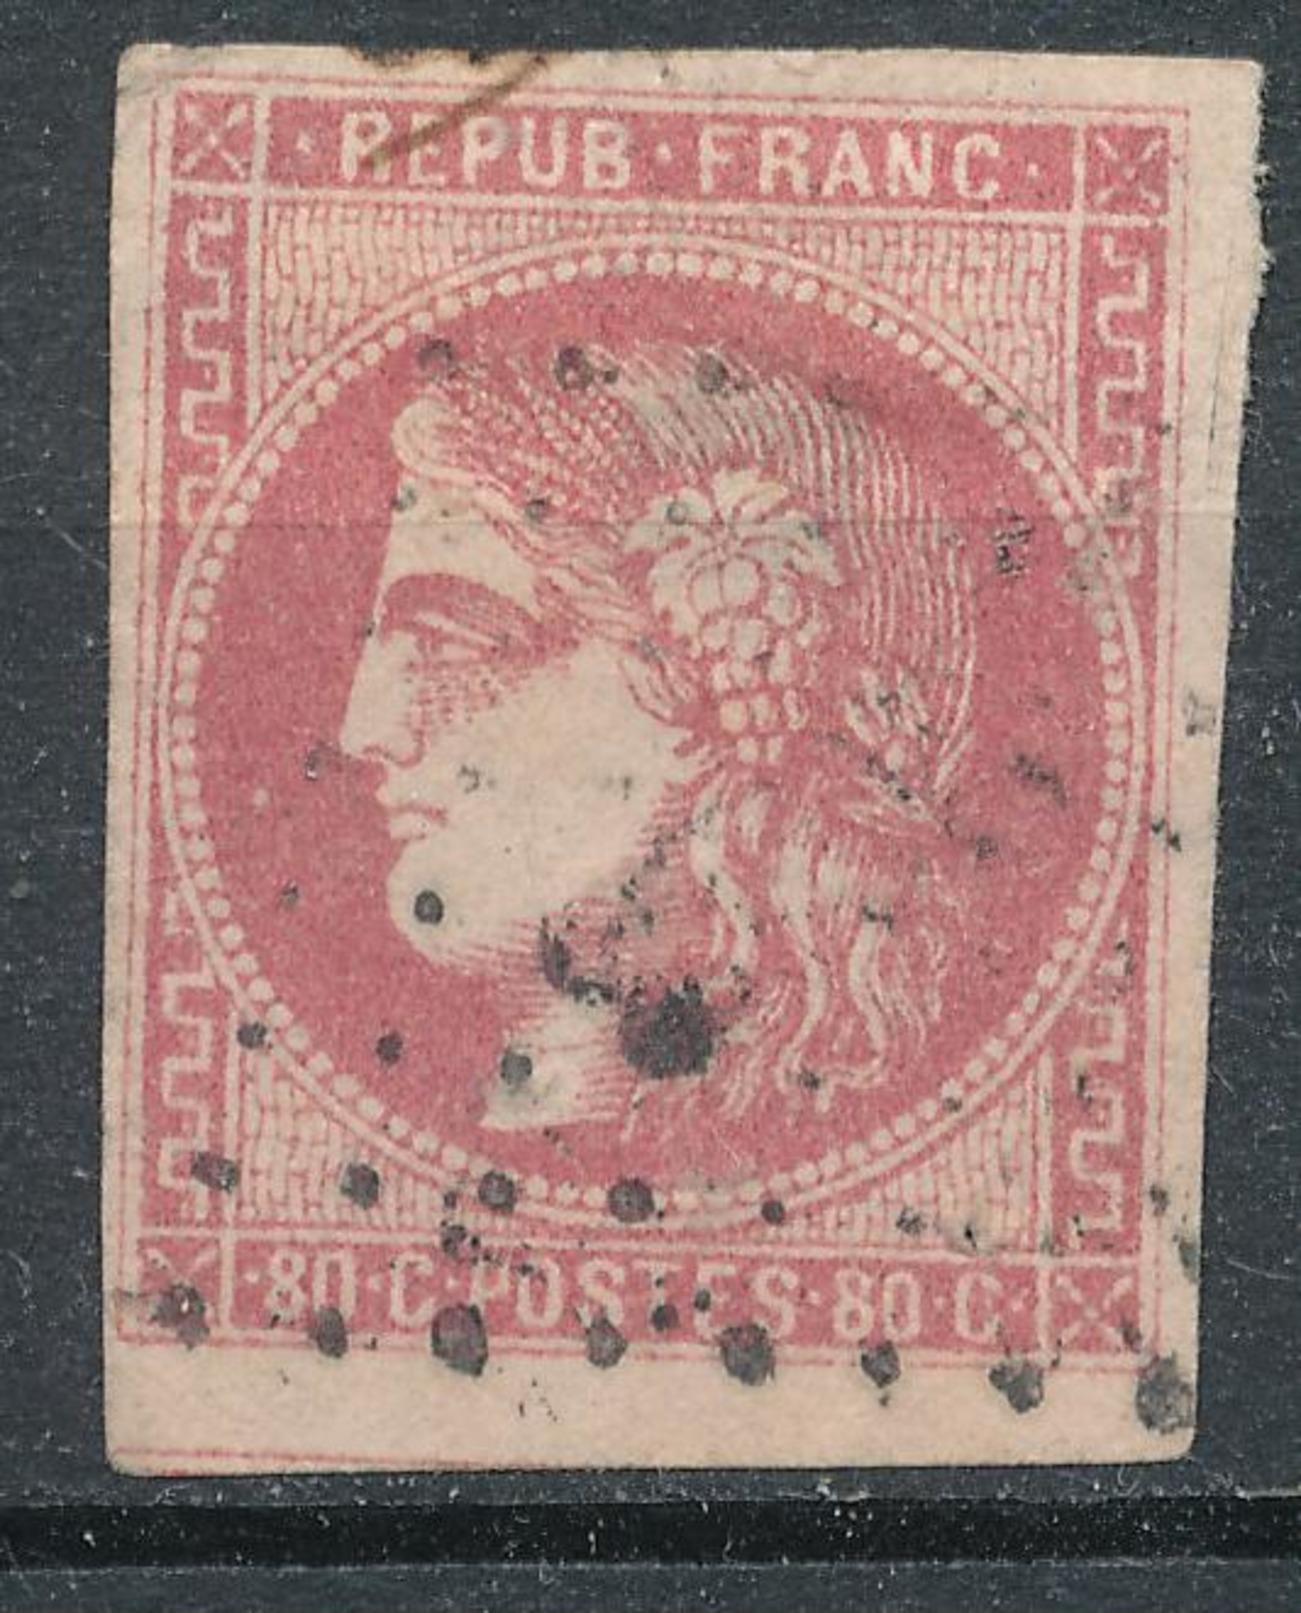 N°49 BORDEAUX NUANCE VOISIN - 1870 Emission De Bordeaux